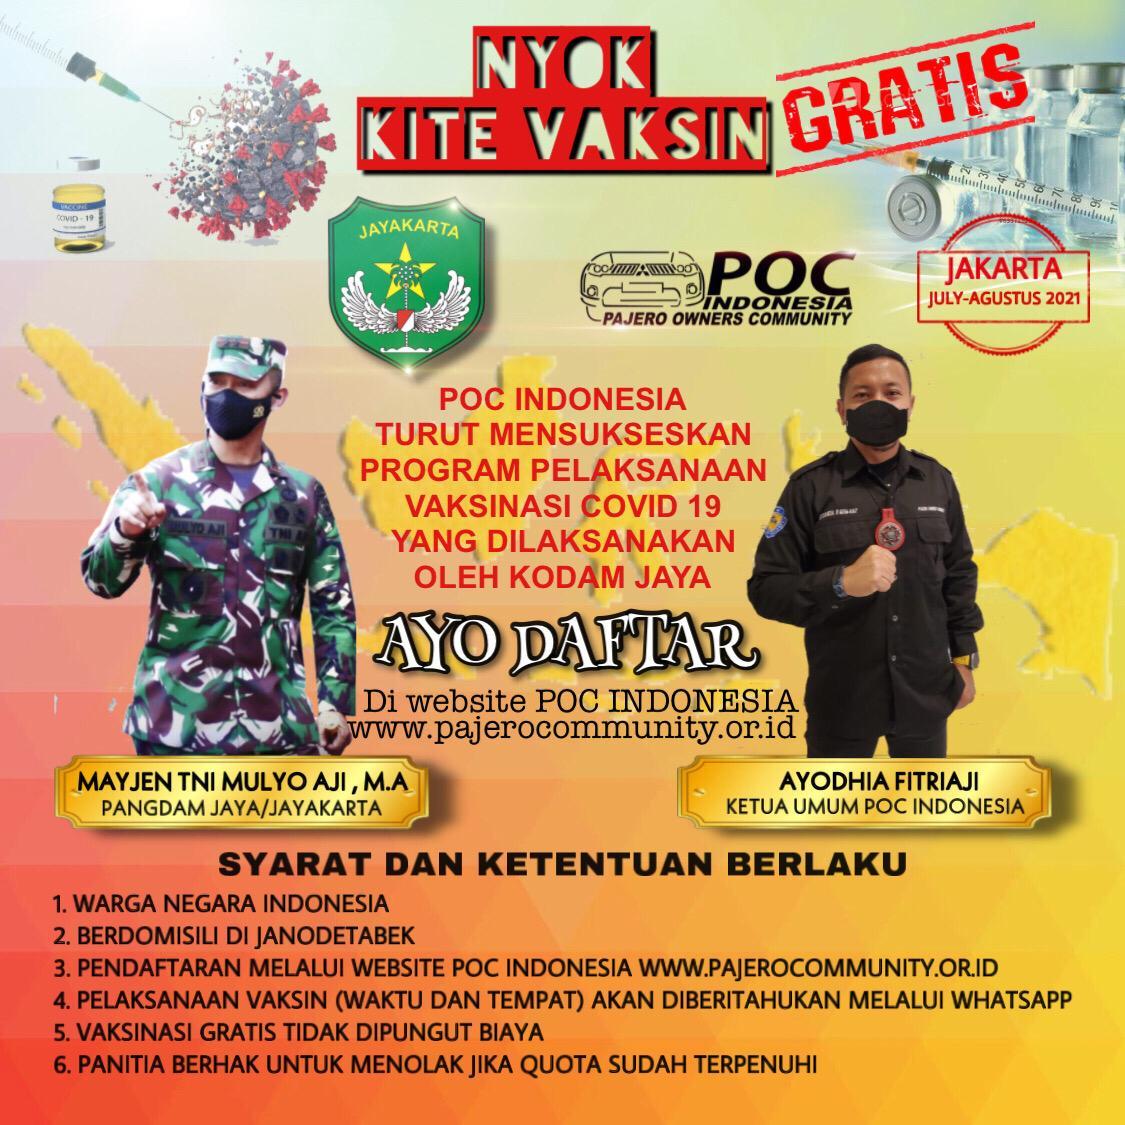 Vaksin POC Indonesia